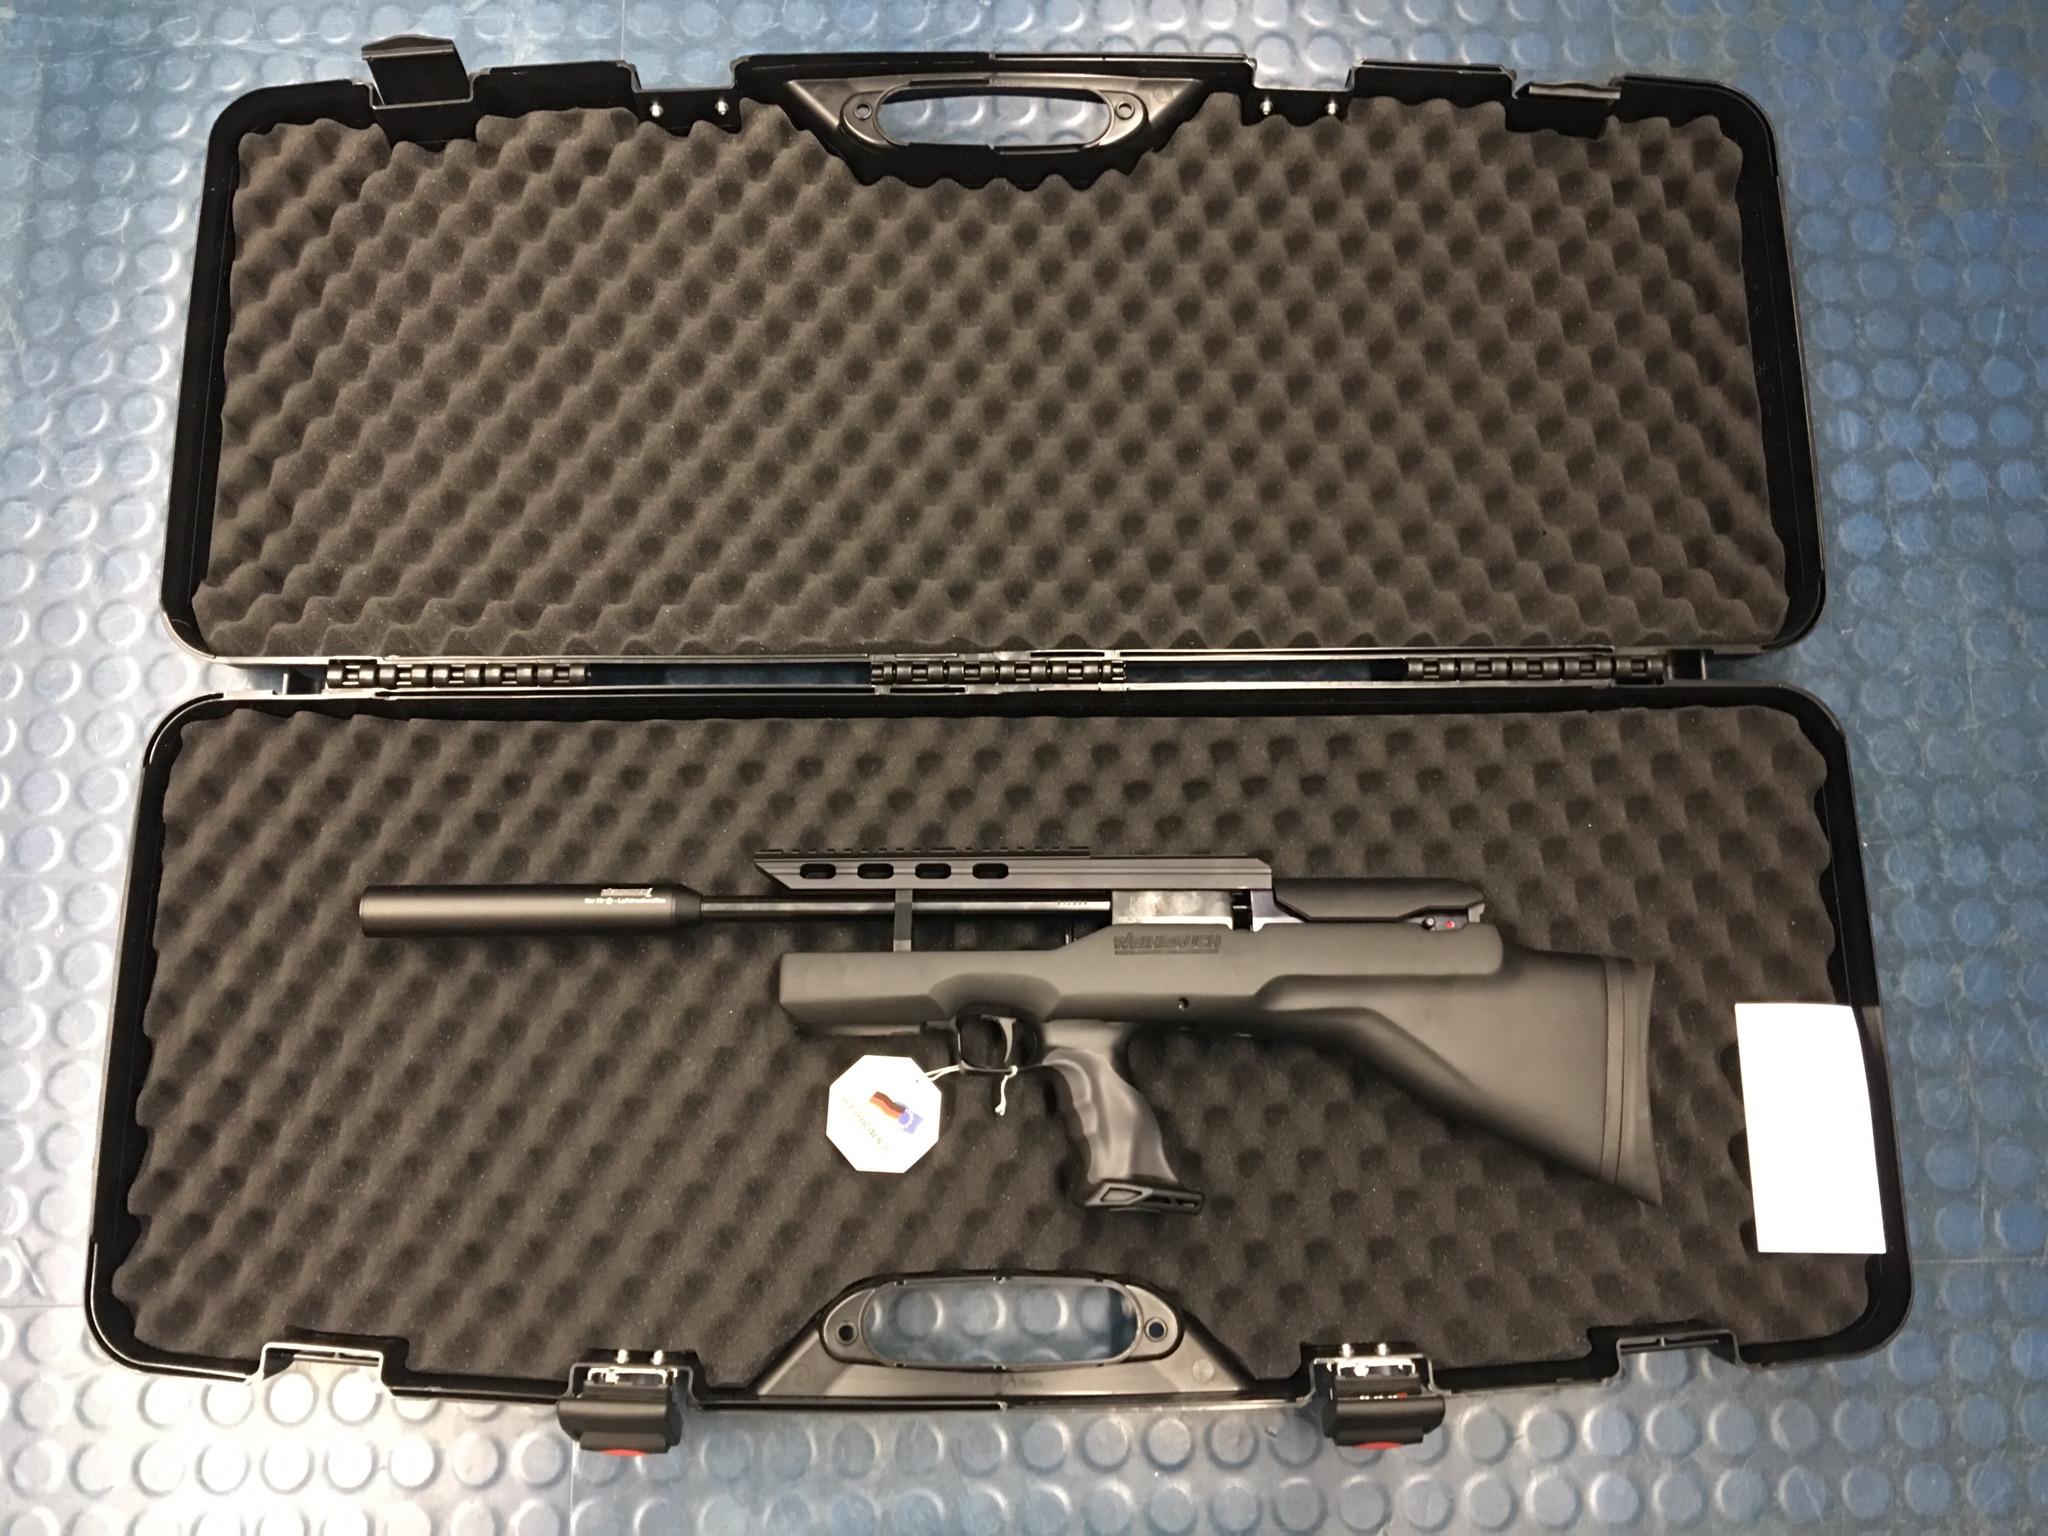 Hier noch mal der passende Koffer als Zubehörempfehlung von innen mit dem Luftgewehr Modell 100 PP minus K Ich